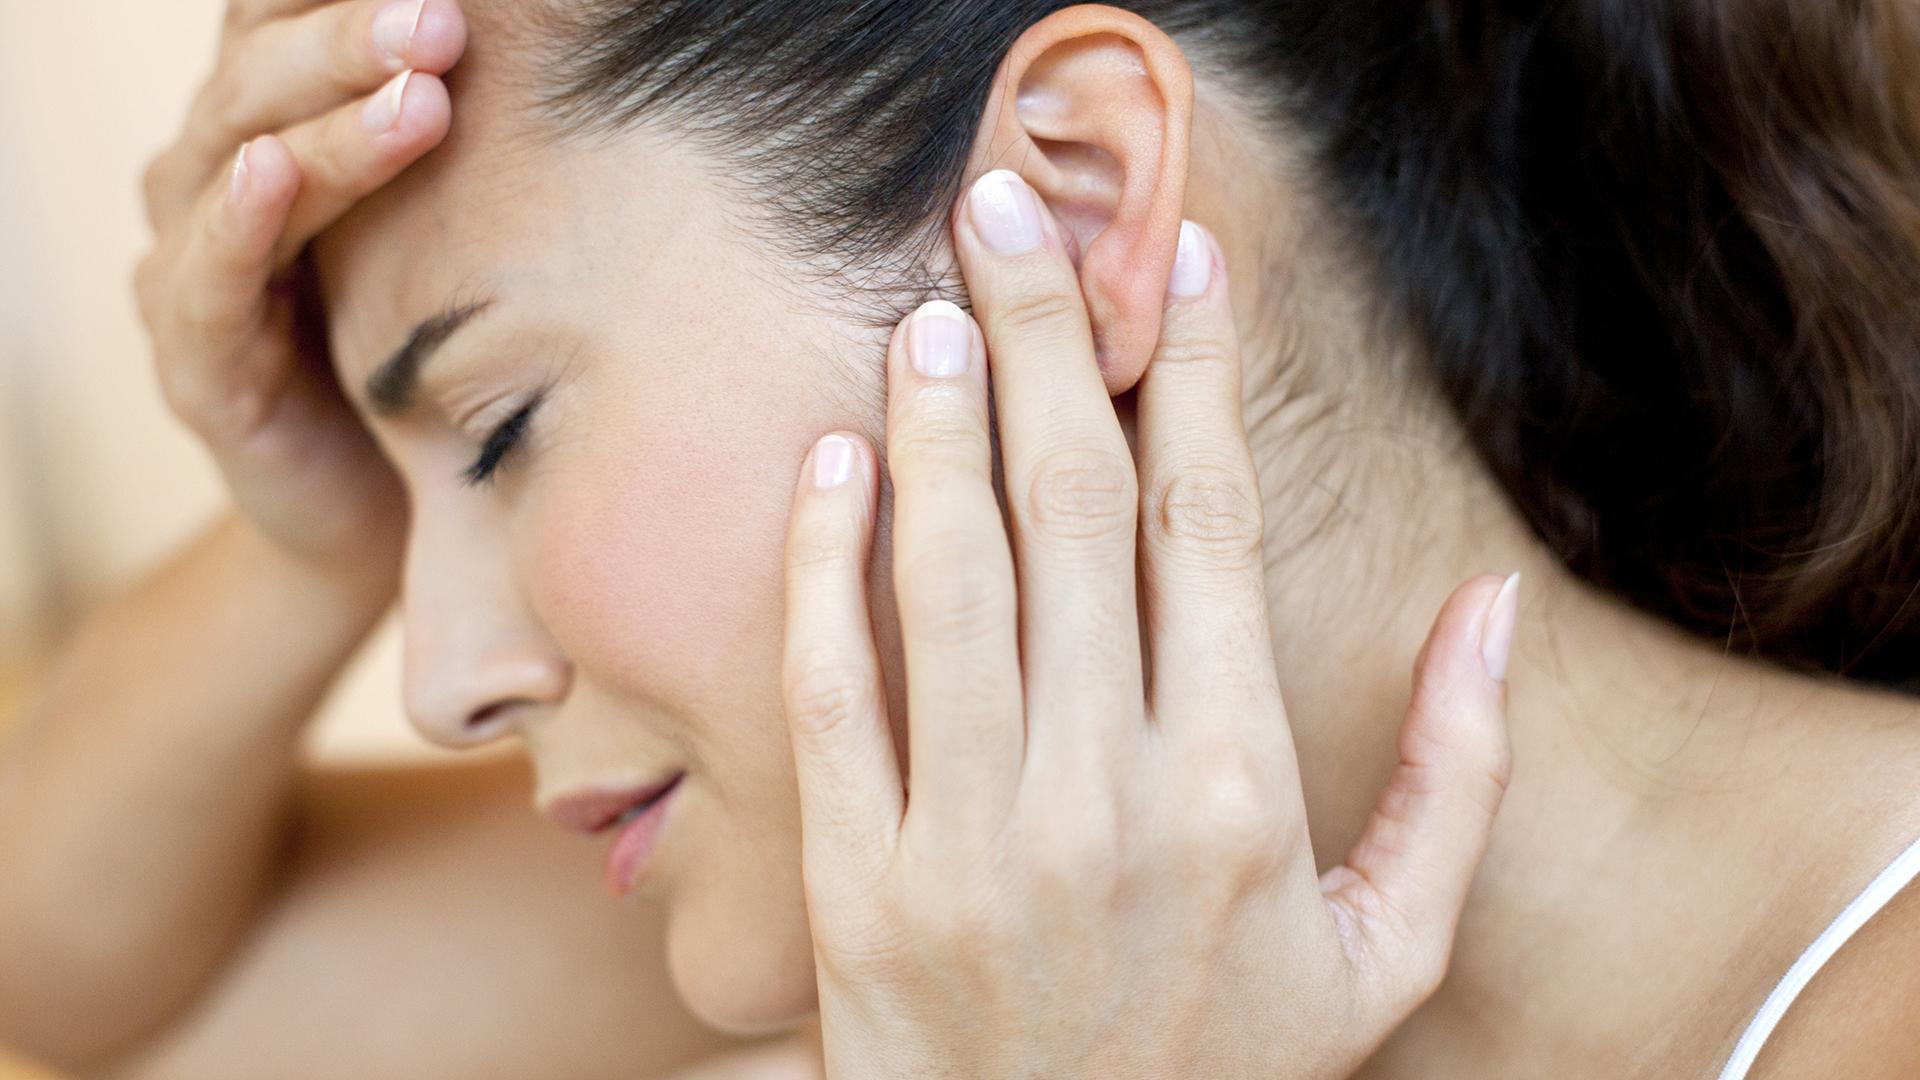 Хроническая боль возникает у мужчин и женщин по-разному